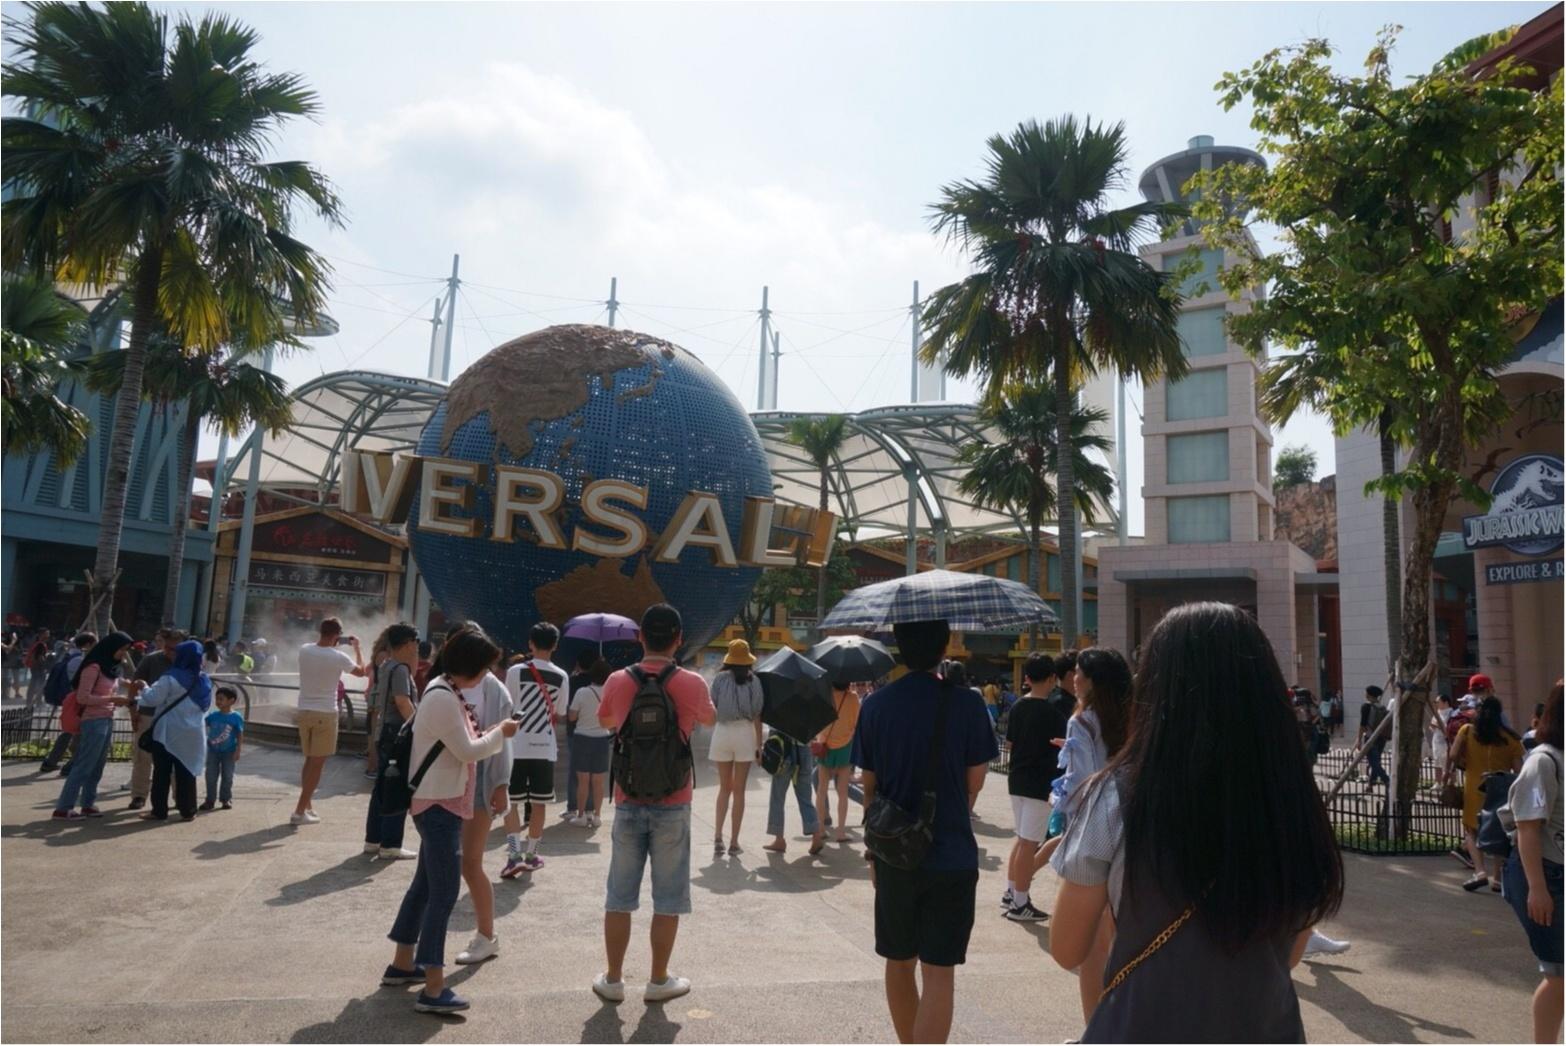 シンガポール女子旅特集 - 人気のマリーナベイ・サンズなどインスタ映えスポット、おいしいグルメがいっぱい♪_20